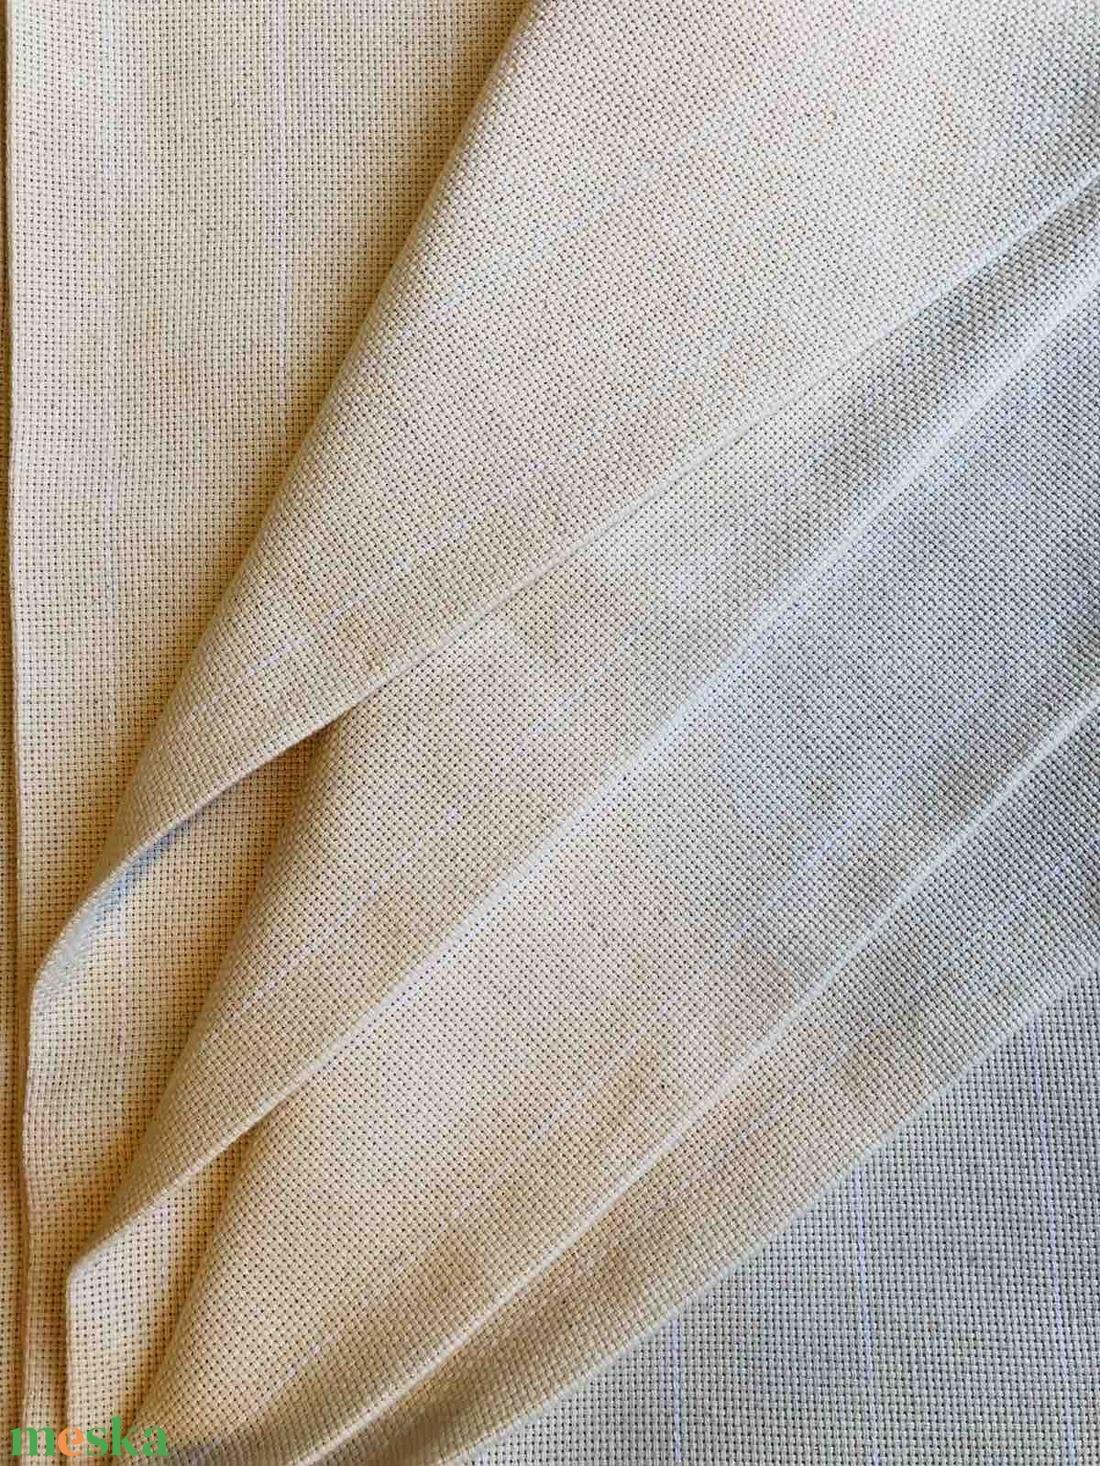 Eredeti amerikai Monk's Cloth, szerzetes vászon - hímzővászon punch needle technikához - textil - pamut - Meska.hu